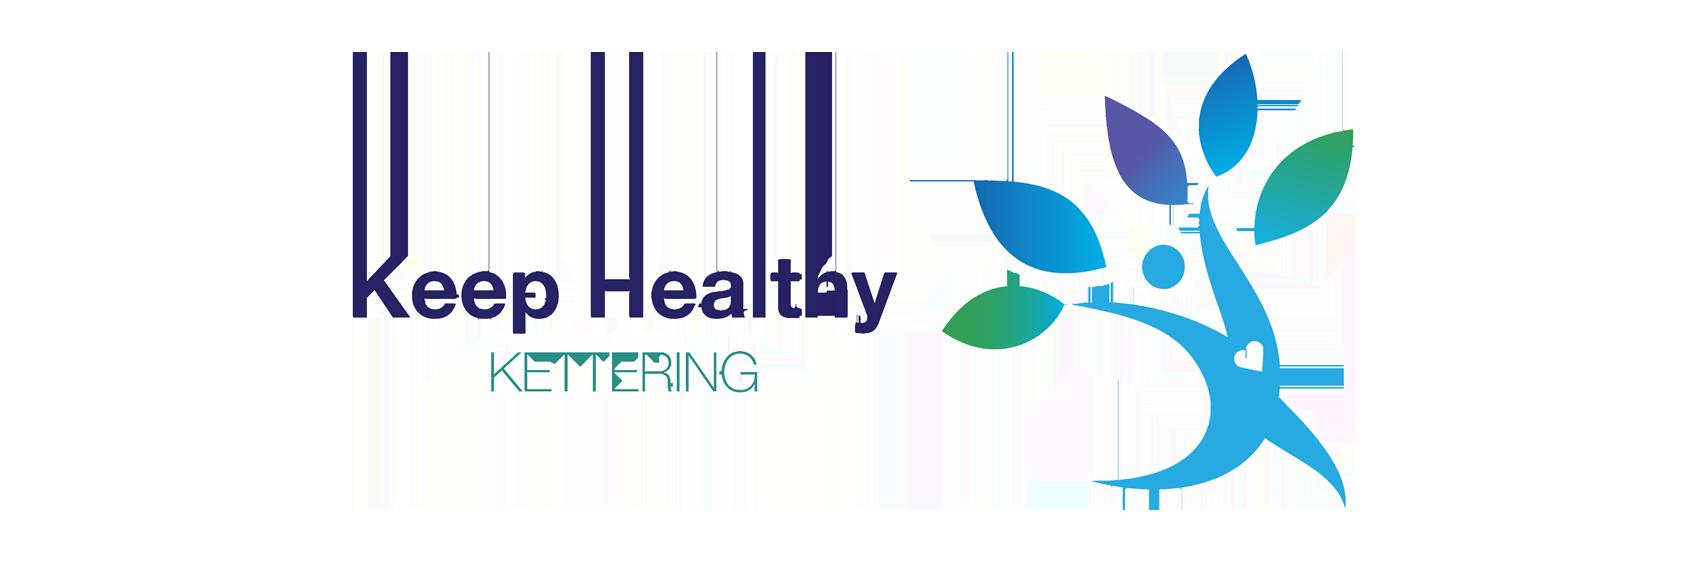 Keep Healthy Kettering